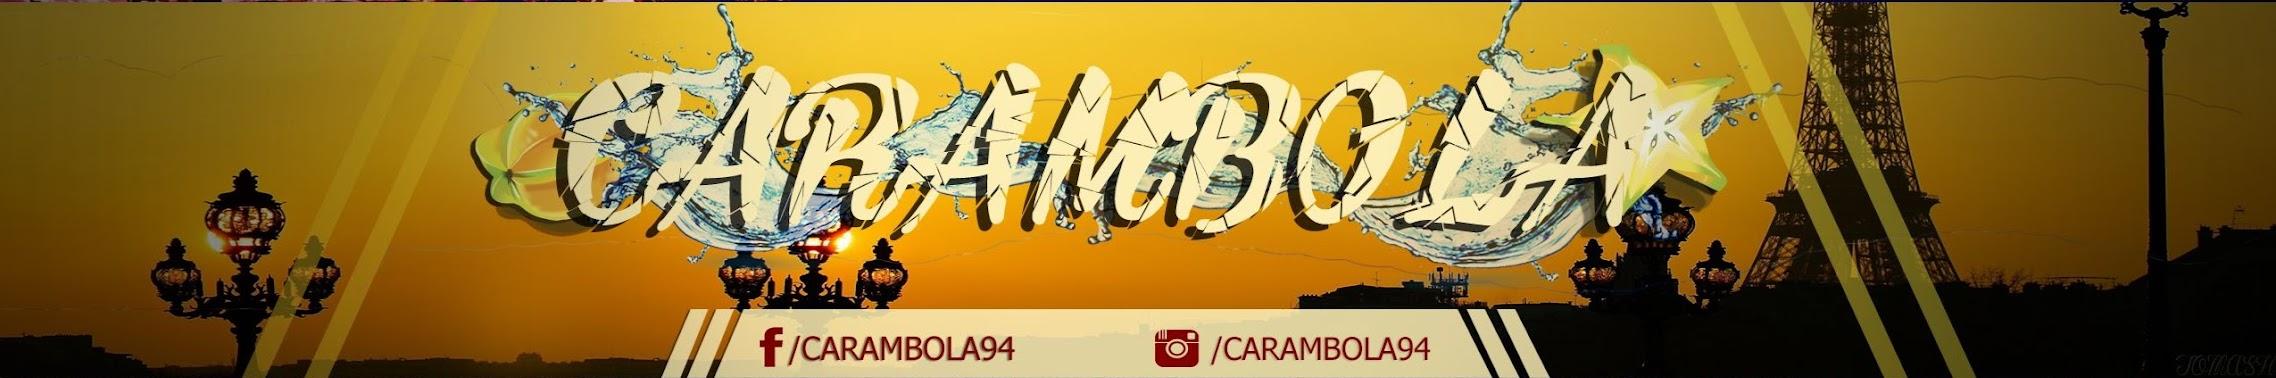 Carambola94